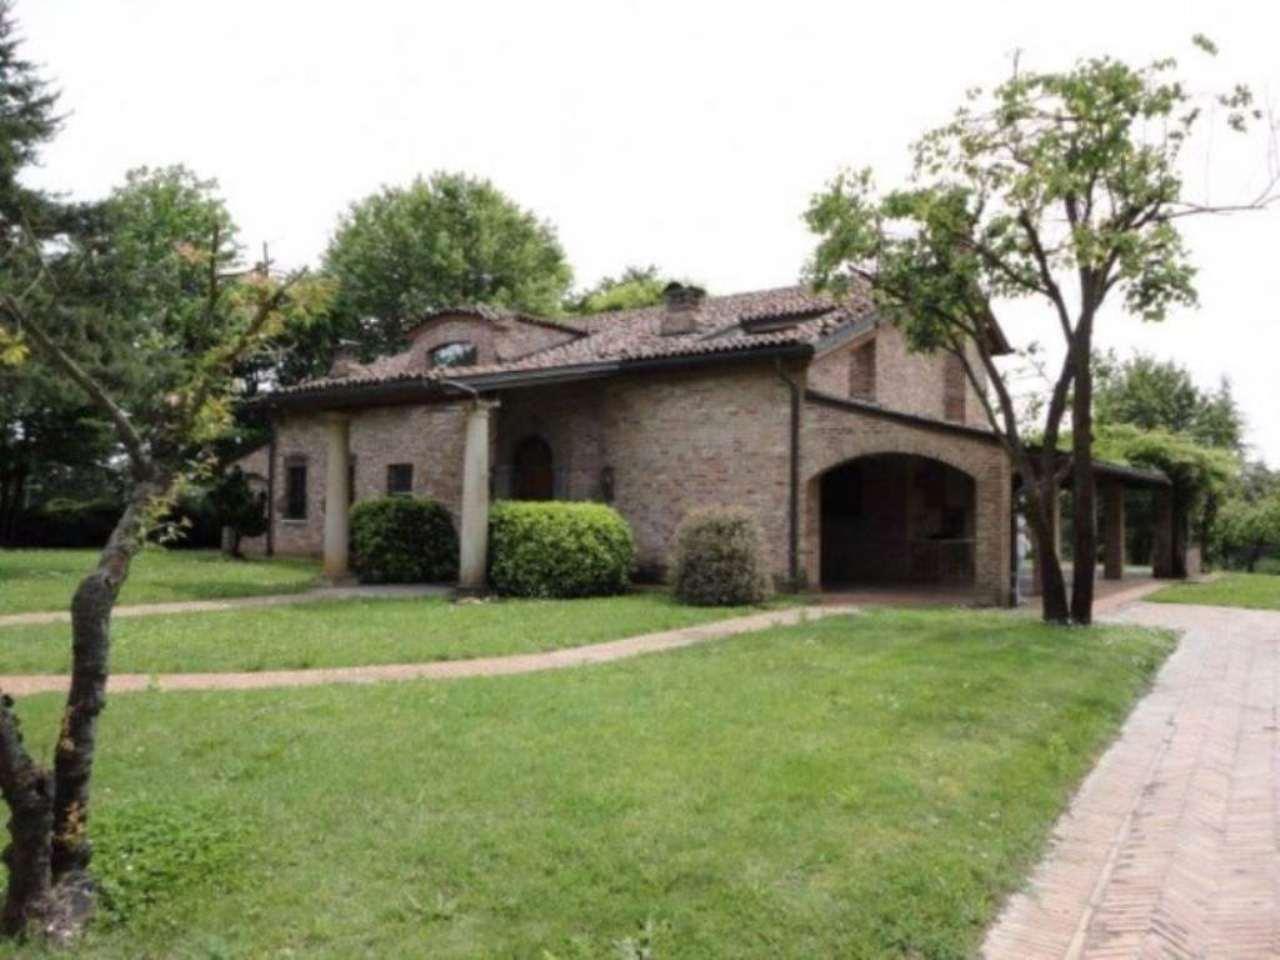 Villa in vendita a Fubine, 9999 locali, prezzo € 800.000 | Cambio Casa.it